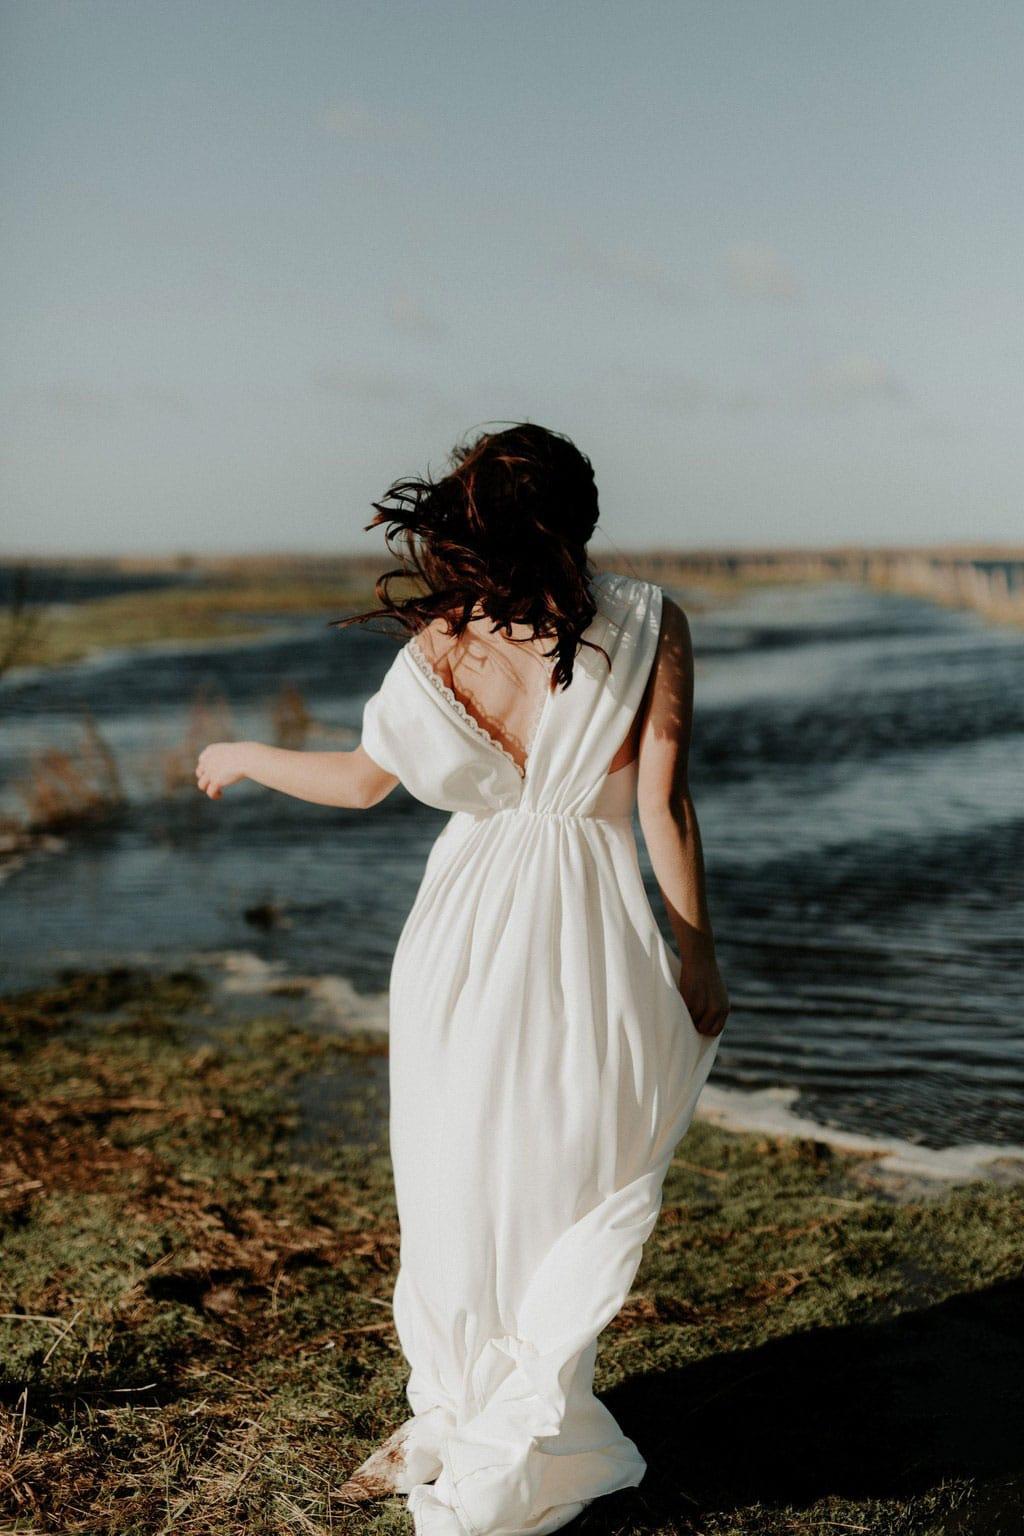 Robe de mariée bohème en crêpe drapé, décolleté au dos et agrémentée d'un galon de dentelle fleurie